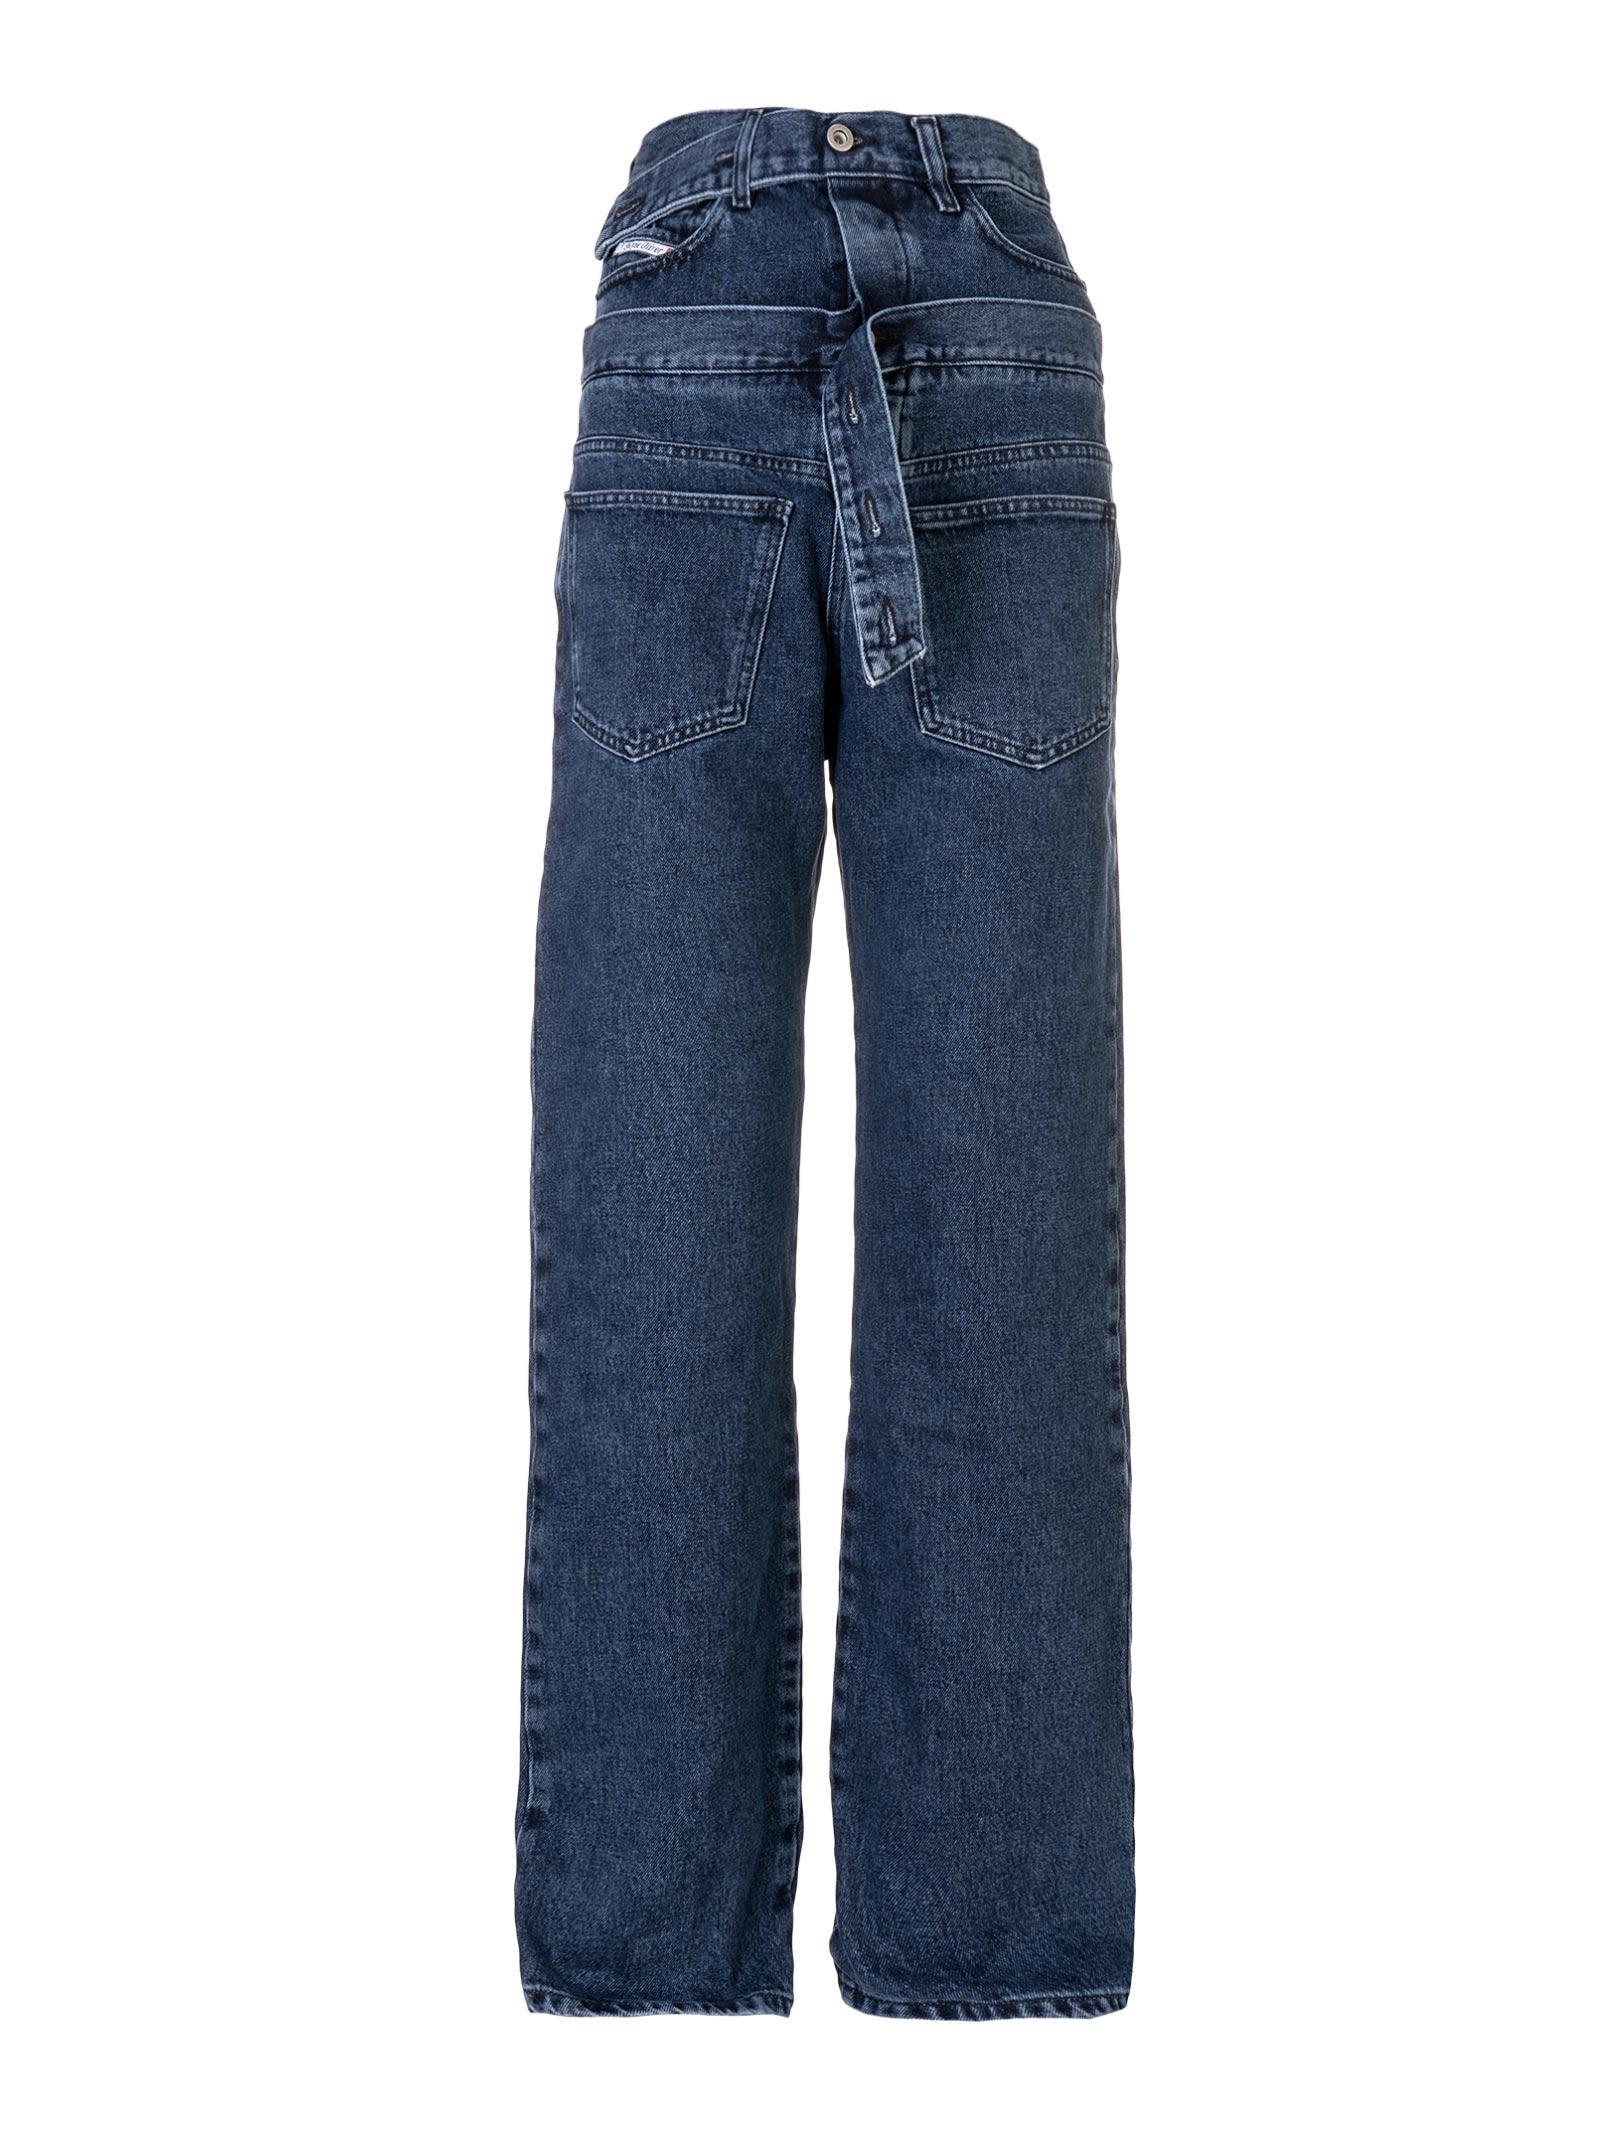 Diesel Diesel Red Tag Jeans